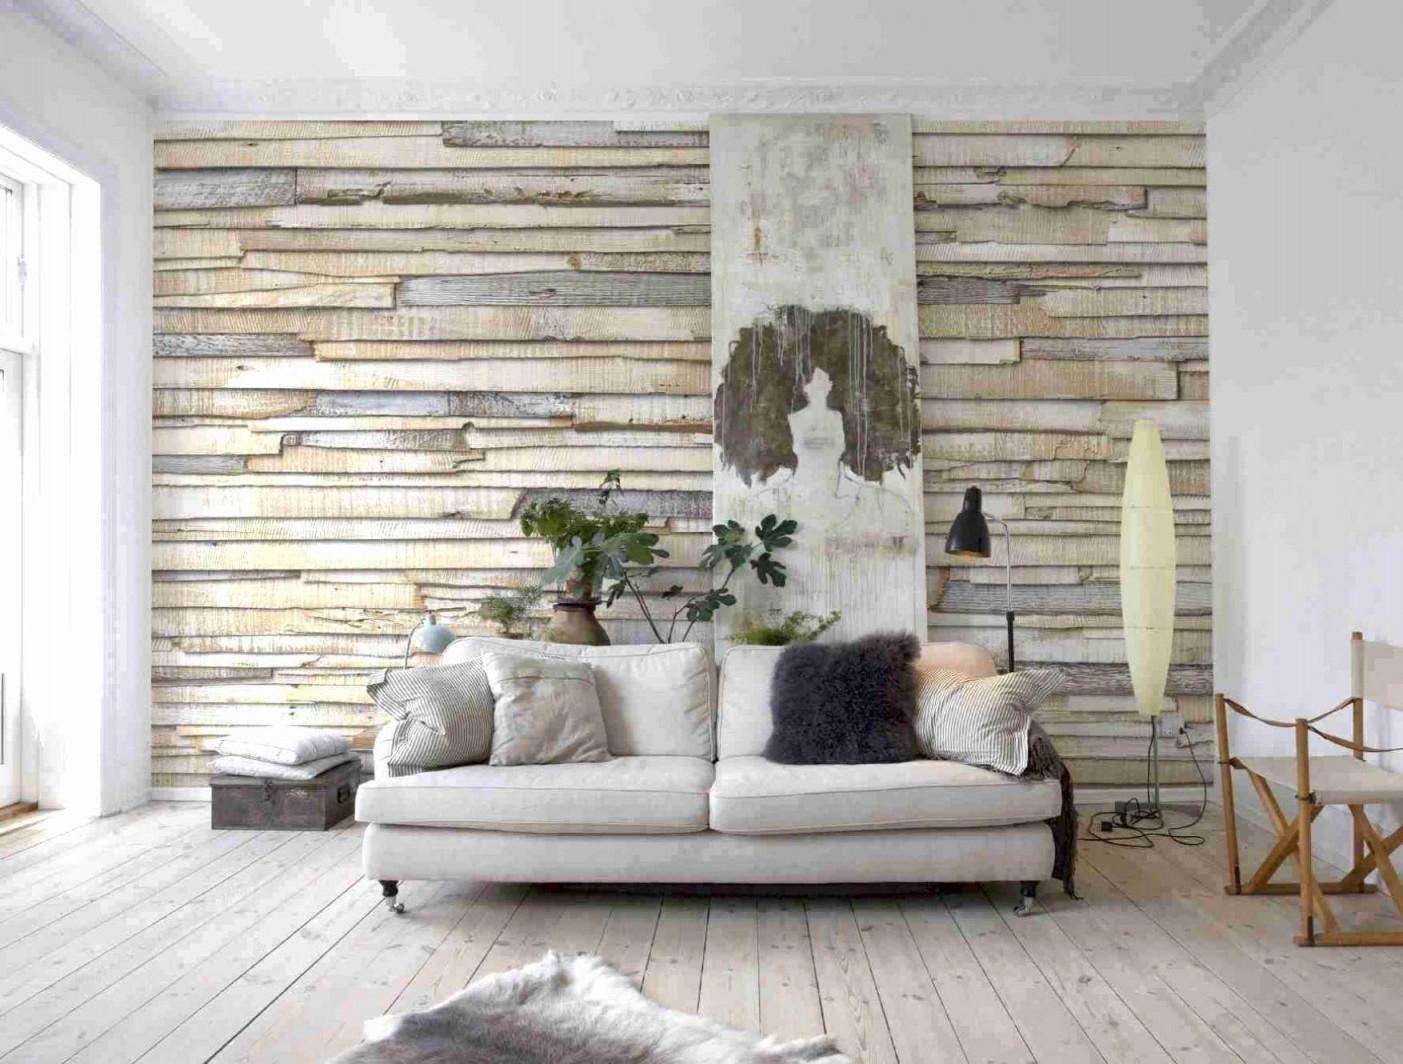 Design Tapeten Wohnzimmer Inspirierend 33 Frisch Tapeten von Designer Tapeten Wohnzimmer Bild